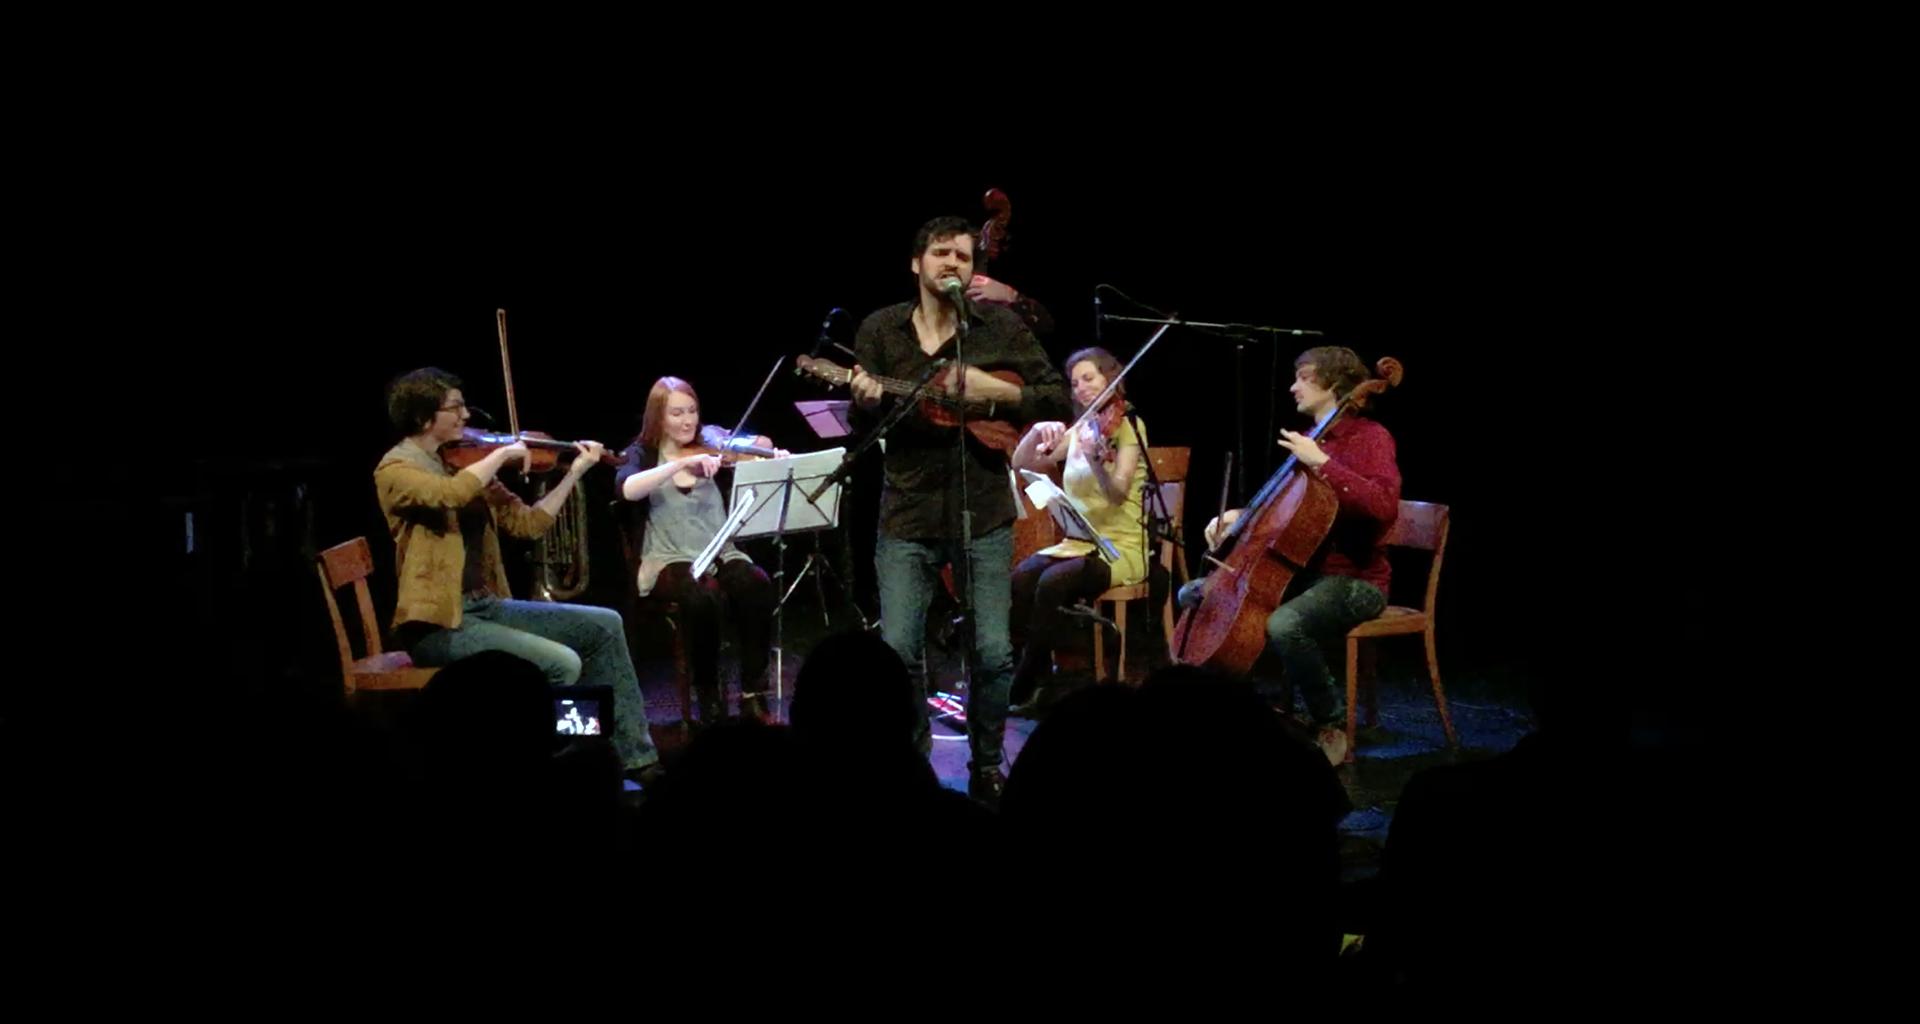 Le 14 janvier, concert à l'Arbanel de Treyvaux